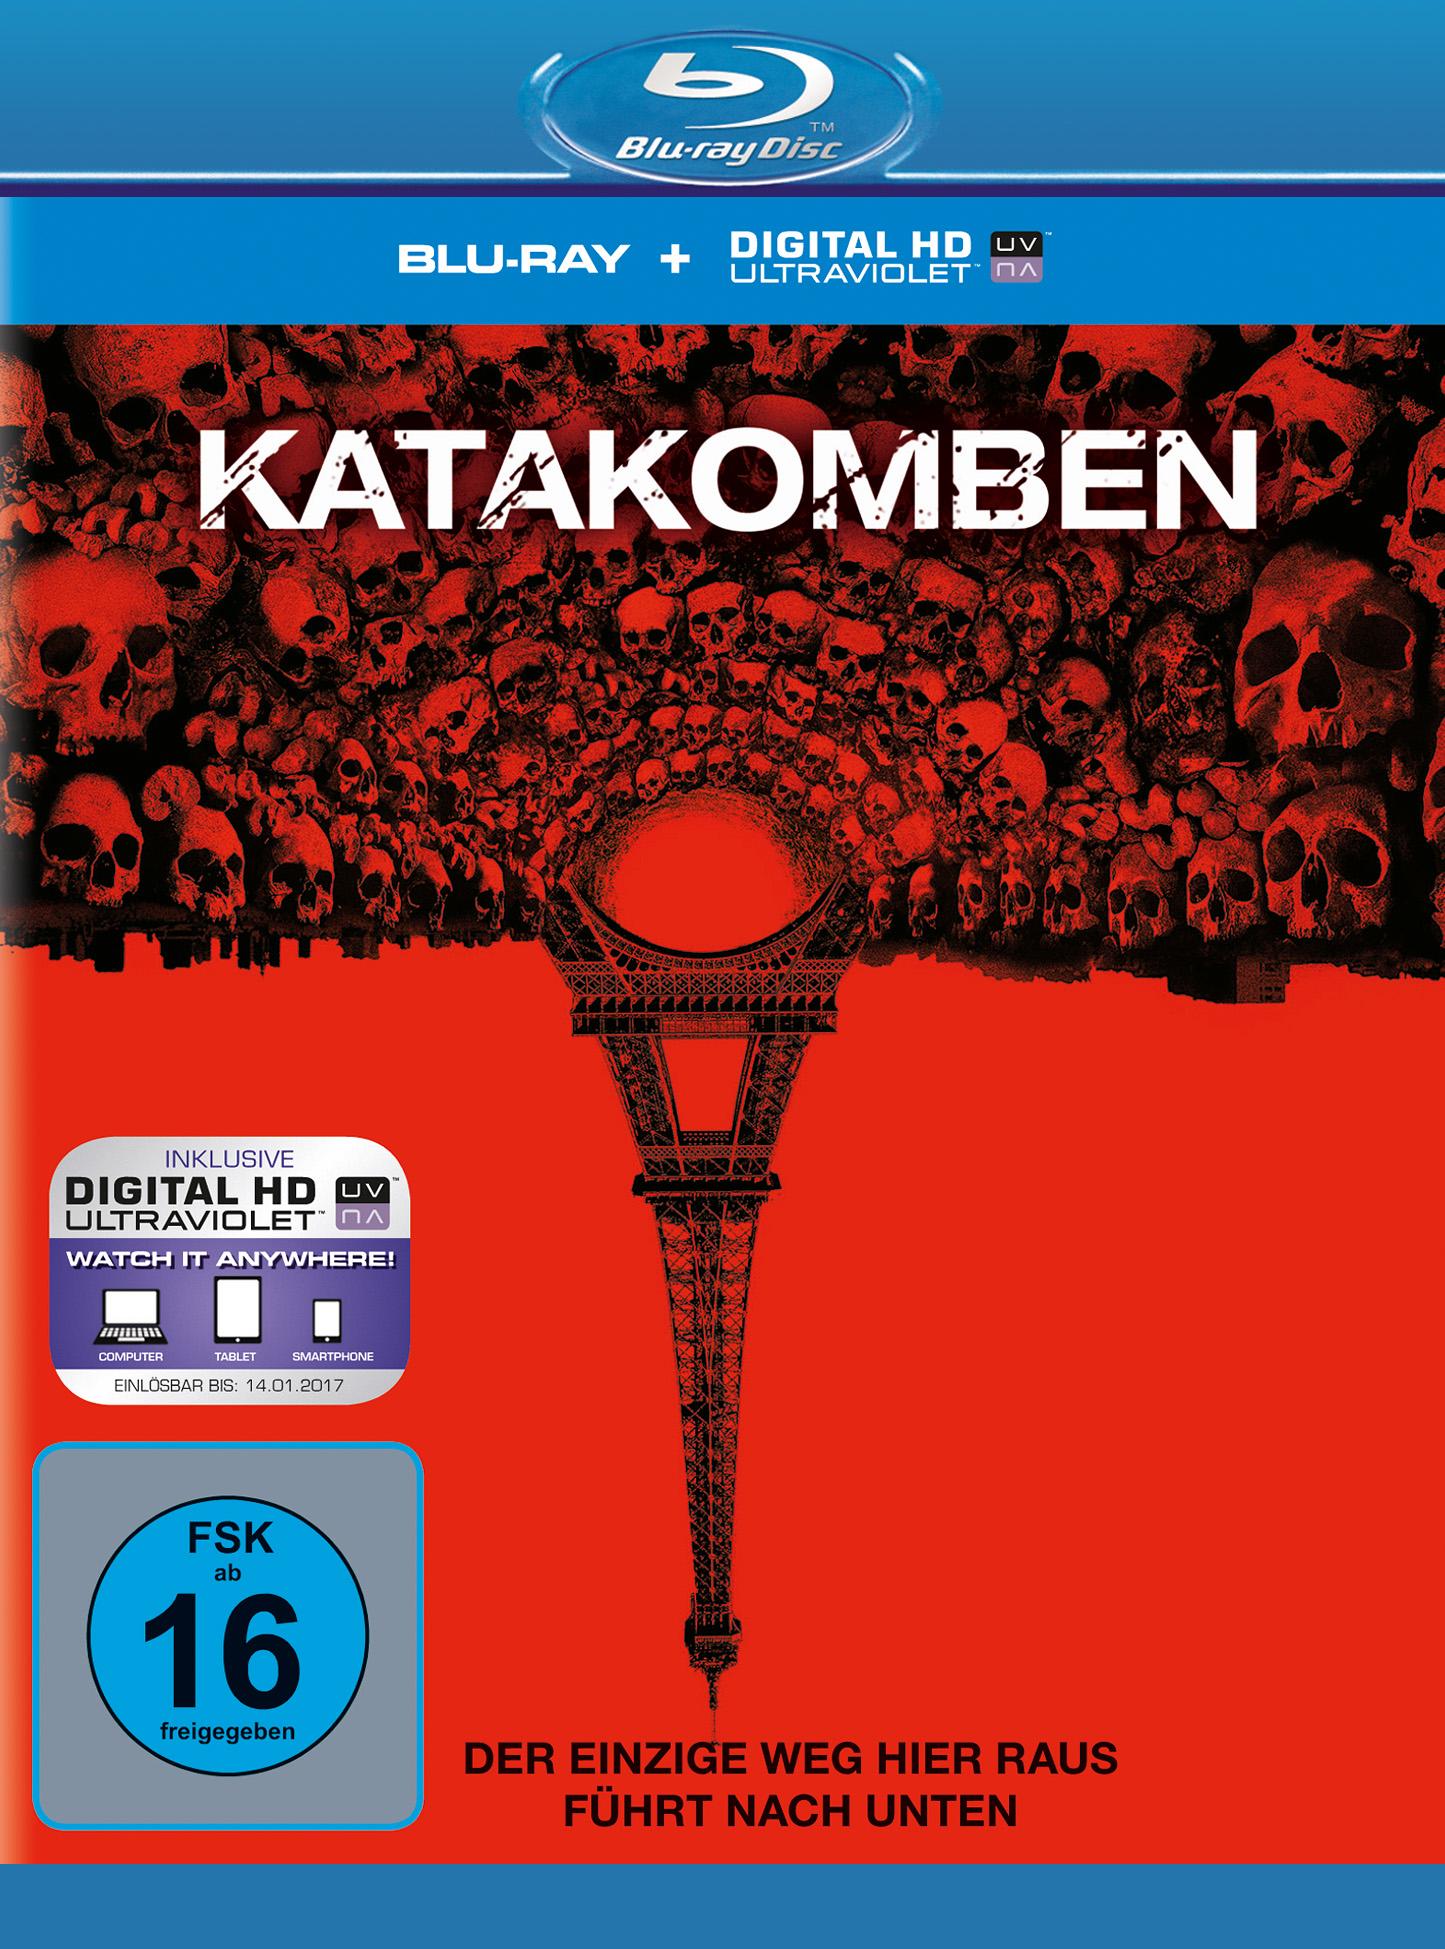 katakomben_fr_a02_xp_br